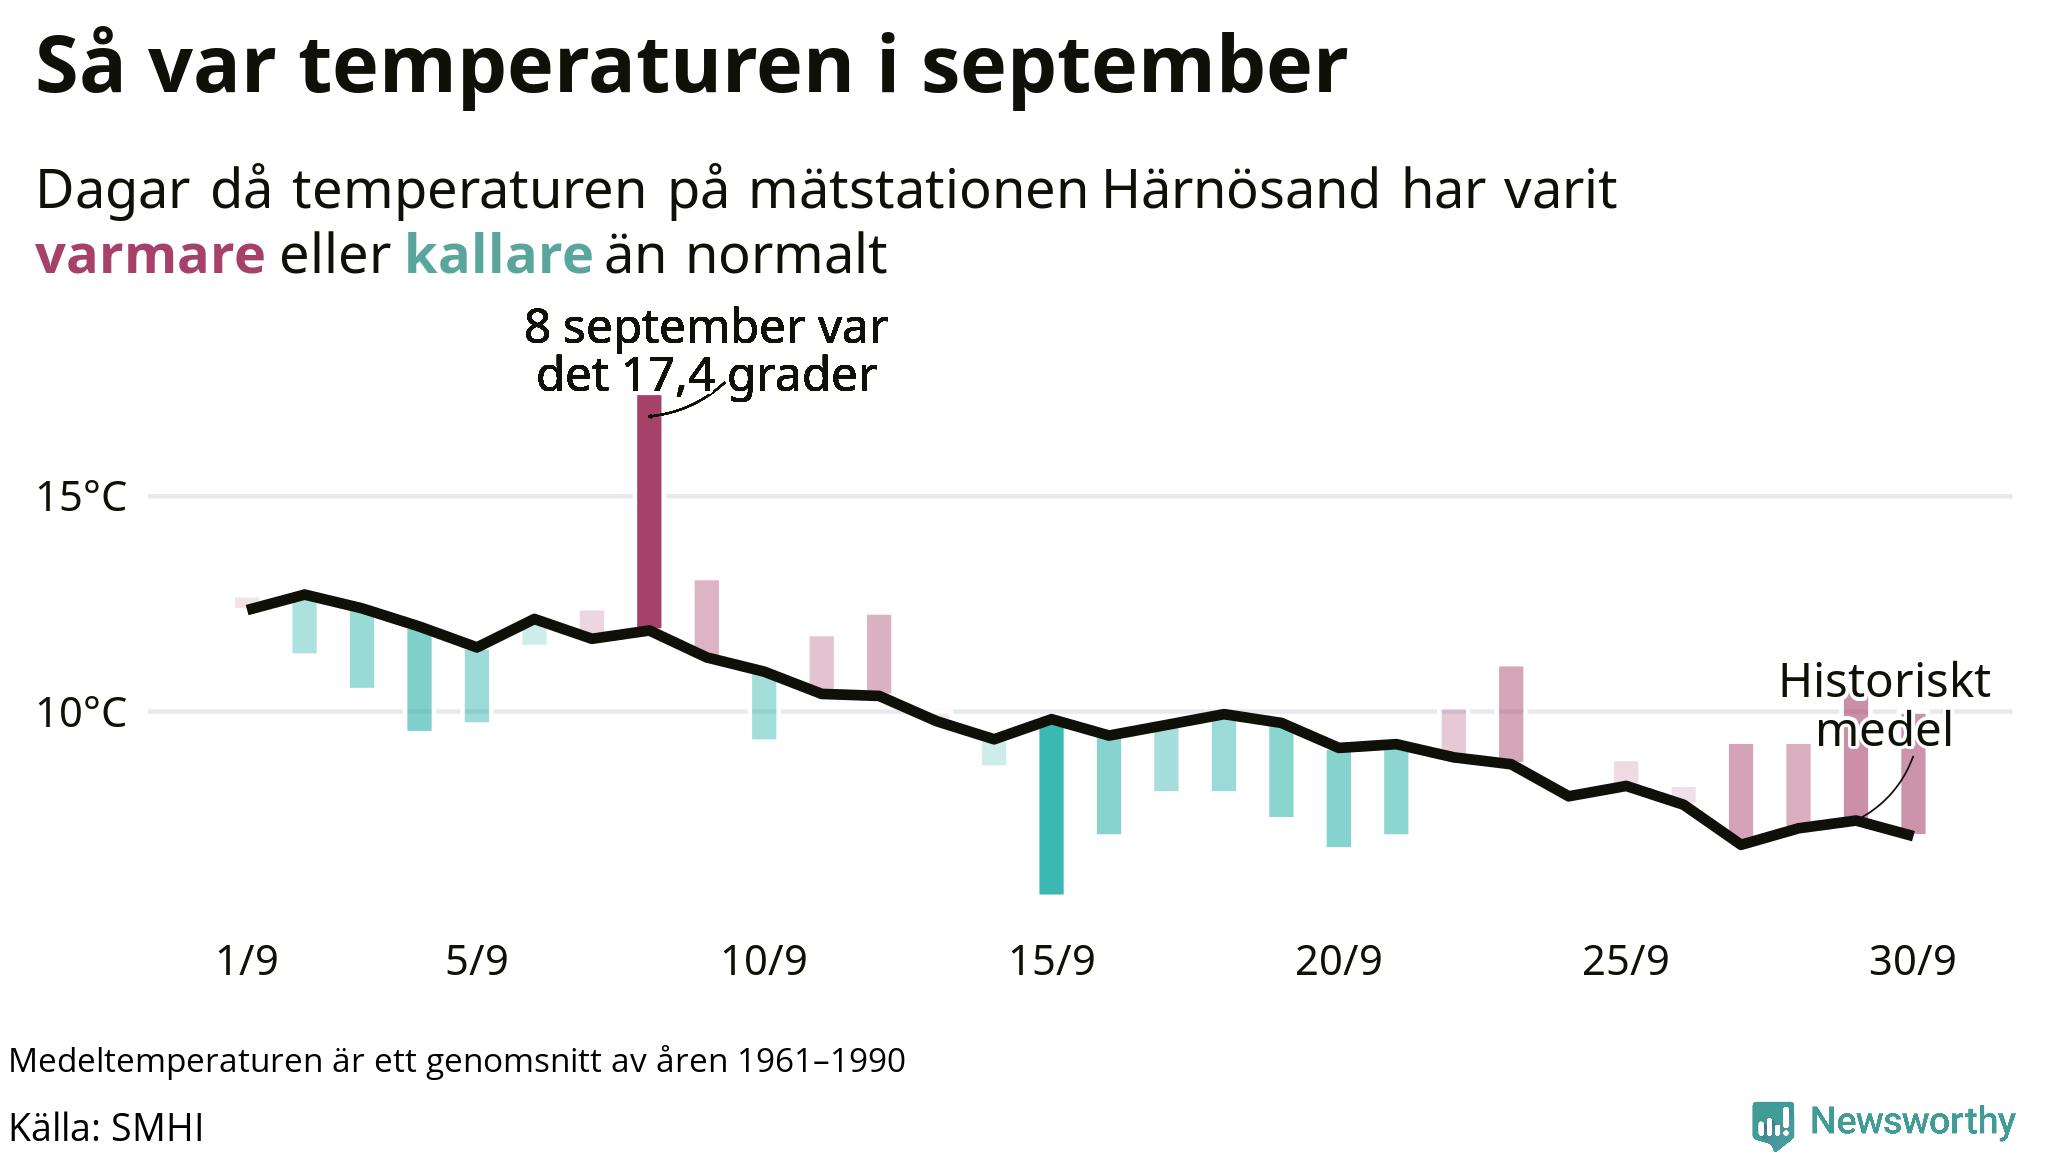 Graf: Temperaturen dag för dag i september vid Härnösand mätstation